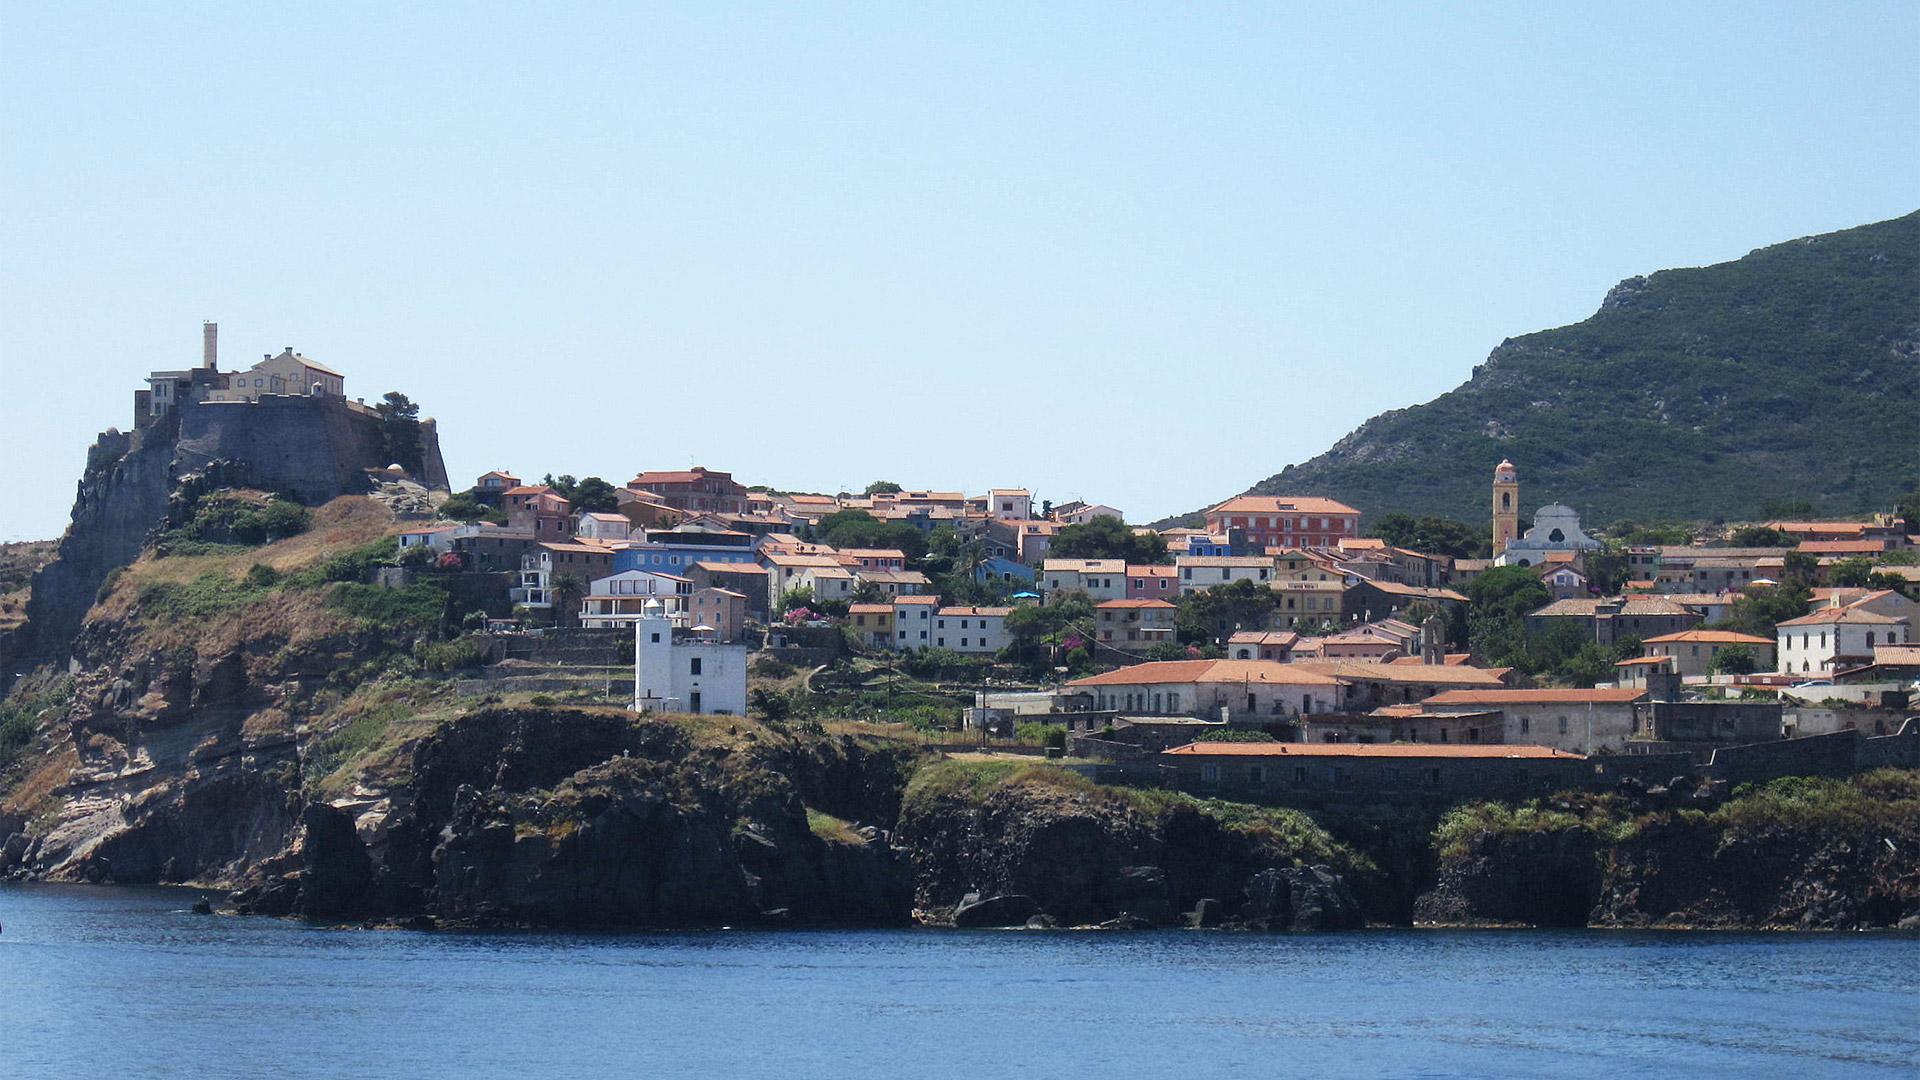 The Tuscan Archipelago Capraia Island